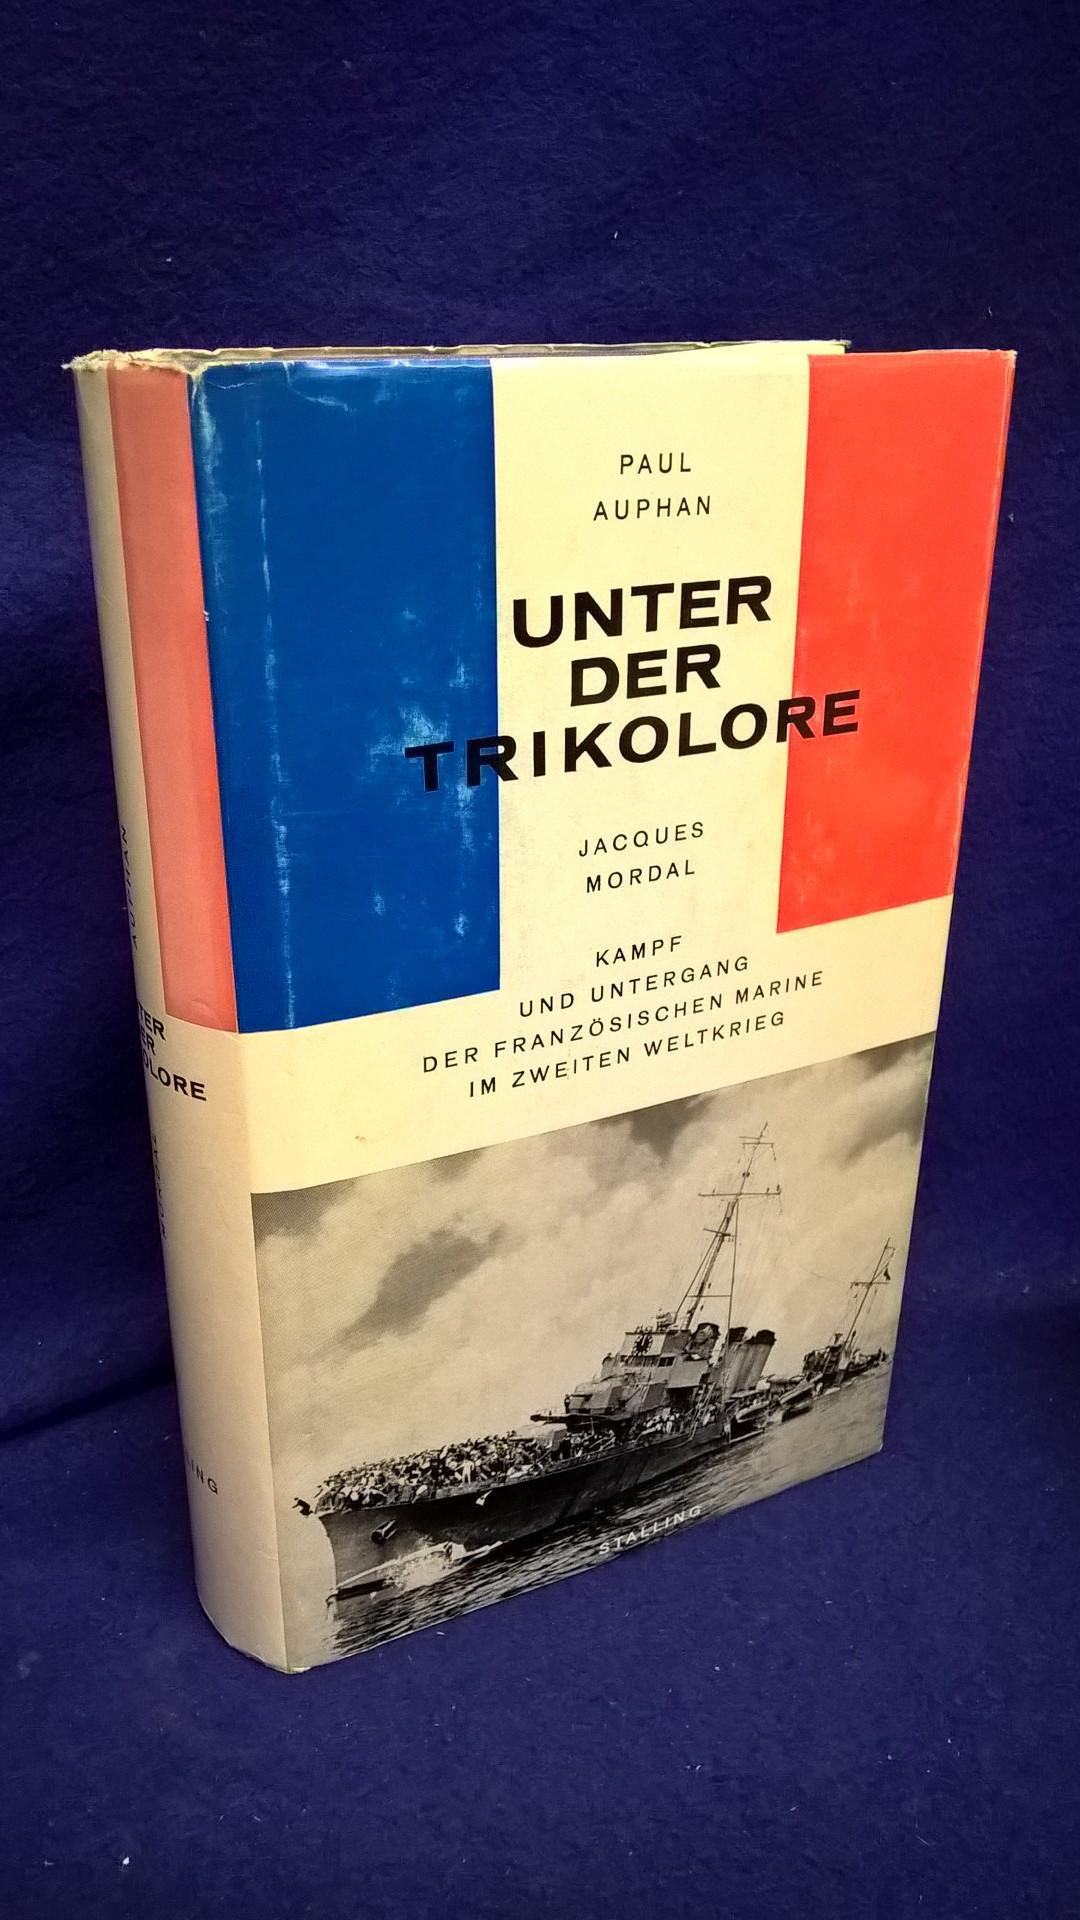 Unter der Trikolore - Kampf und Untergang der Französischen Marine im Zweiten Weltkrieg